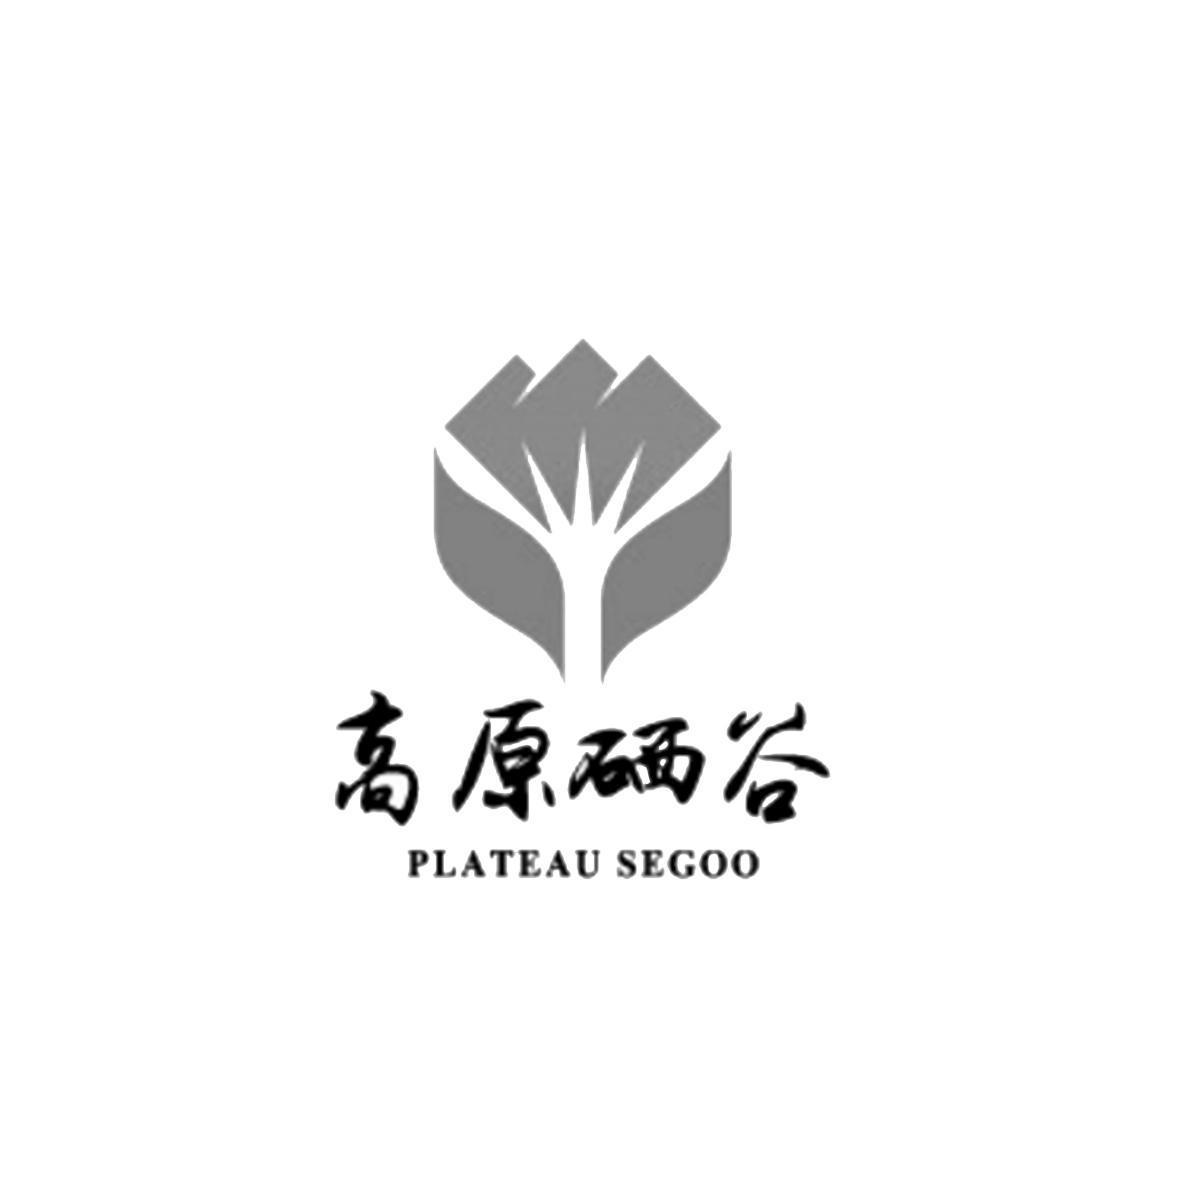 贵州高原硒谷电子商务有限公司